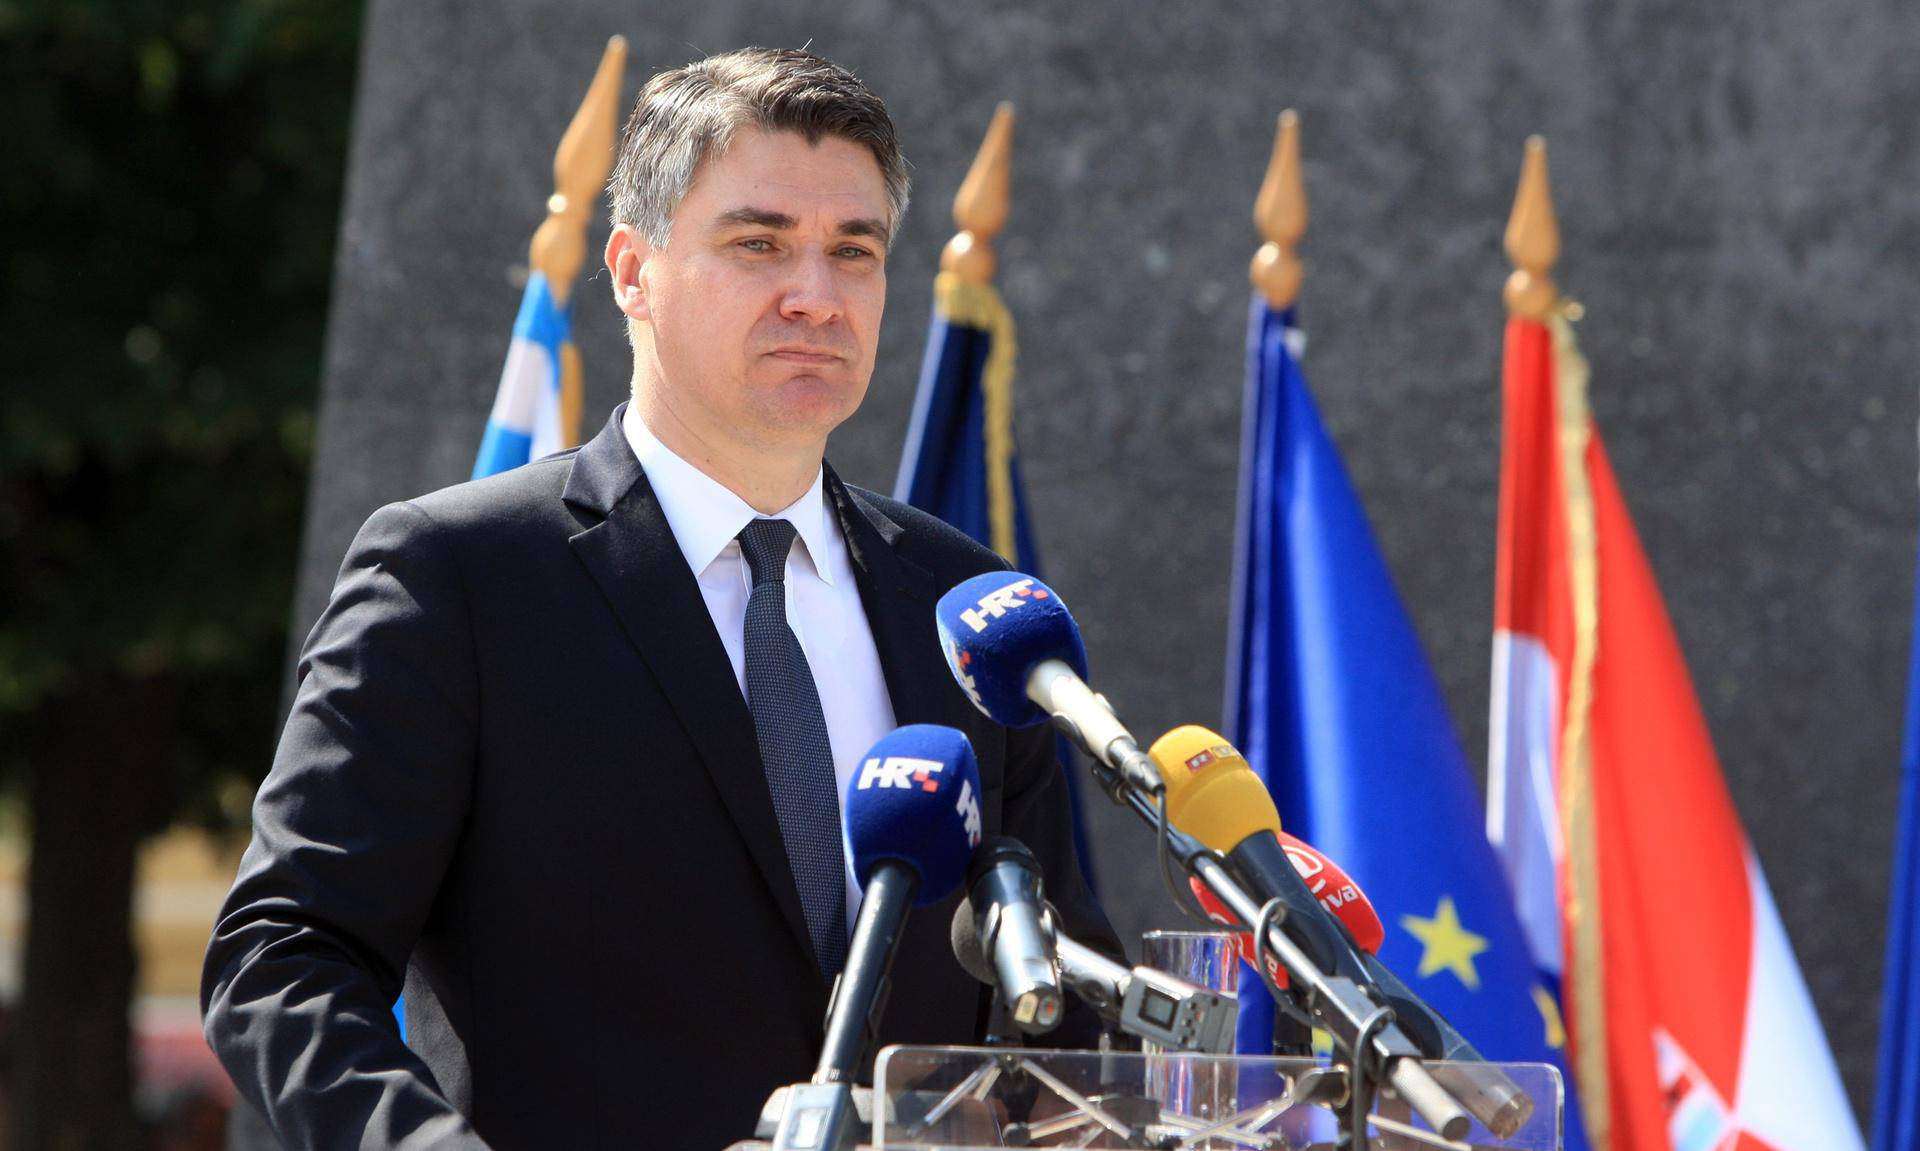 Milanović: Zločinački pothvat koji su nam pokušali uvaliti je bila jedna glupa izmišljotina!